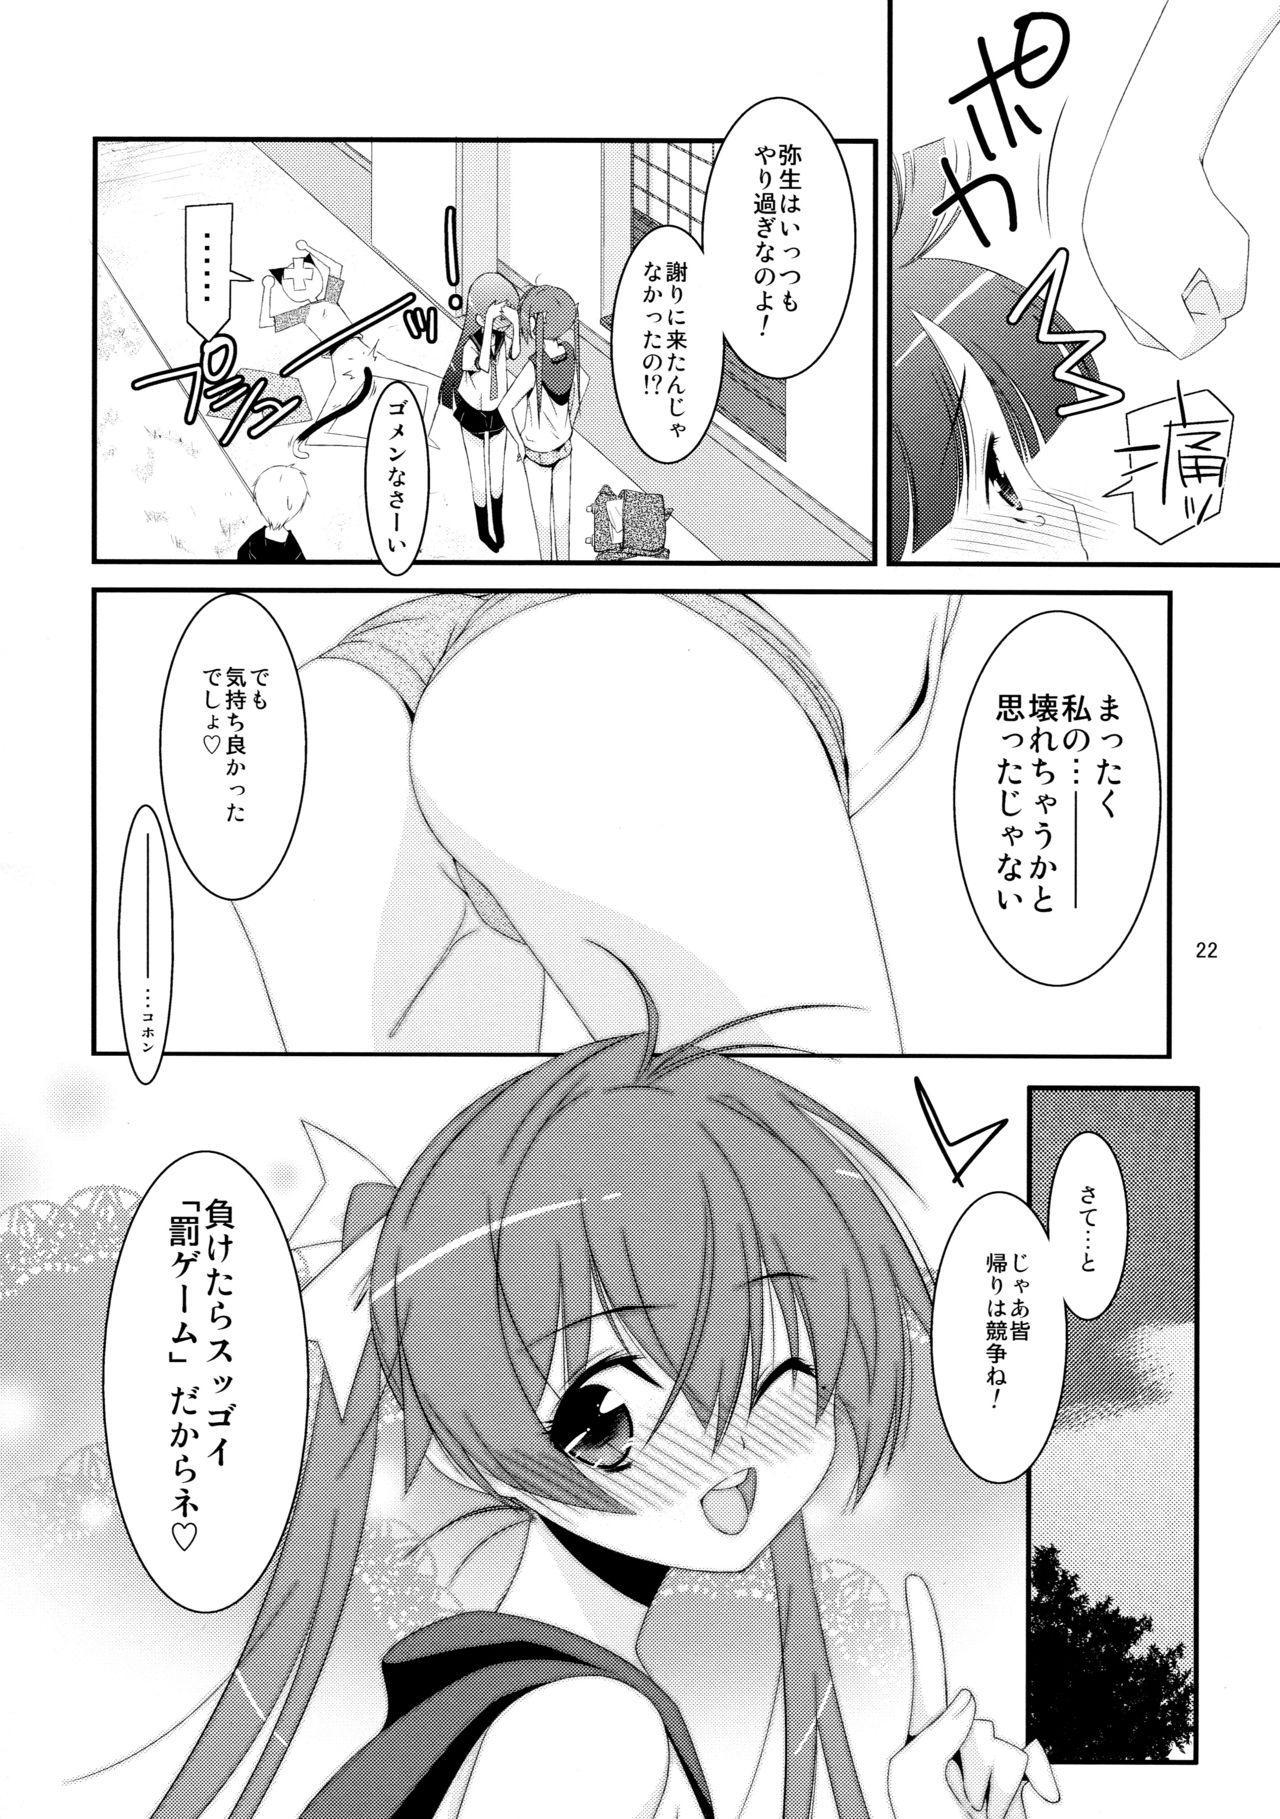 Himitsu no Asobi 21